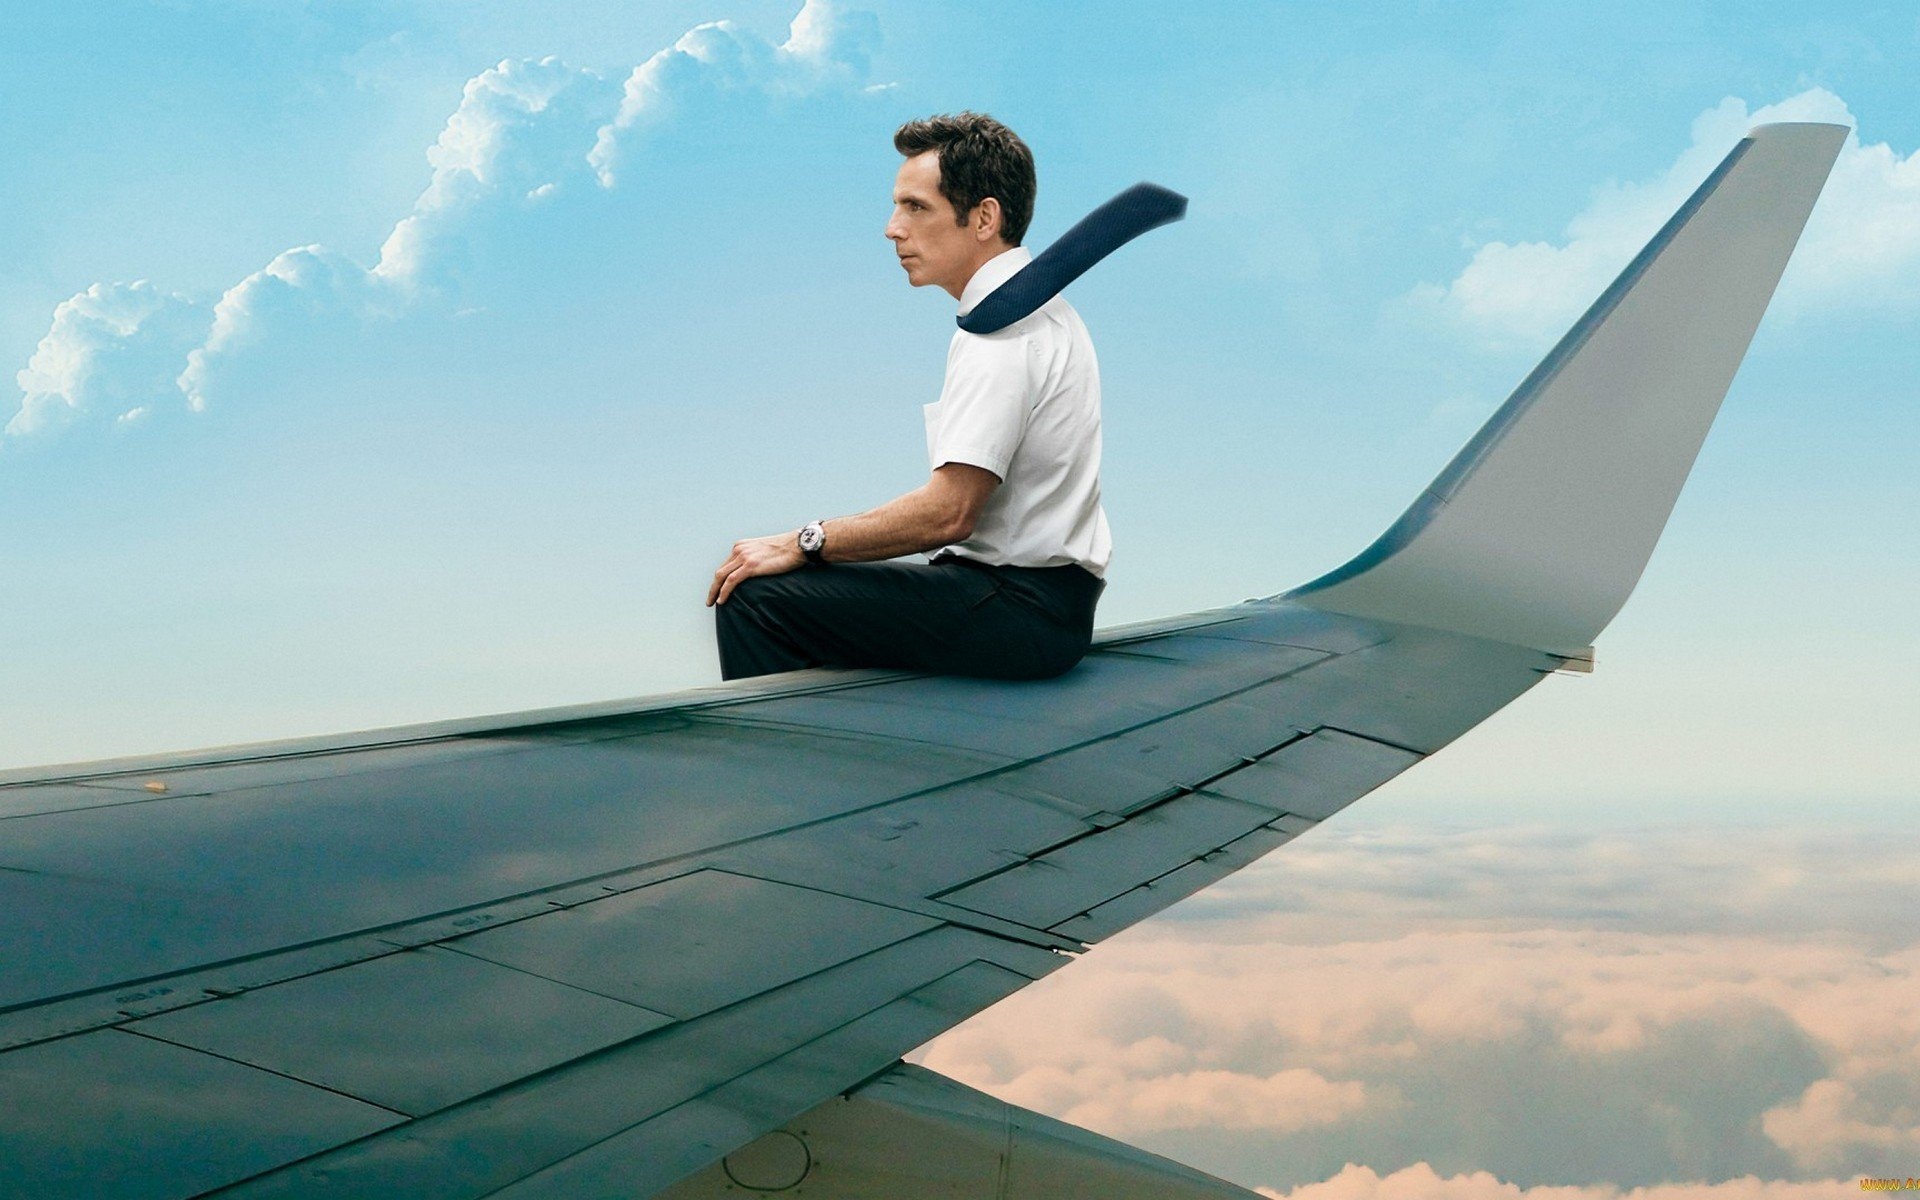 Ben Stiller The Secret Life Of Walter Mitty Airplane Hd